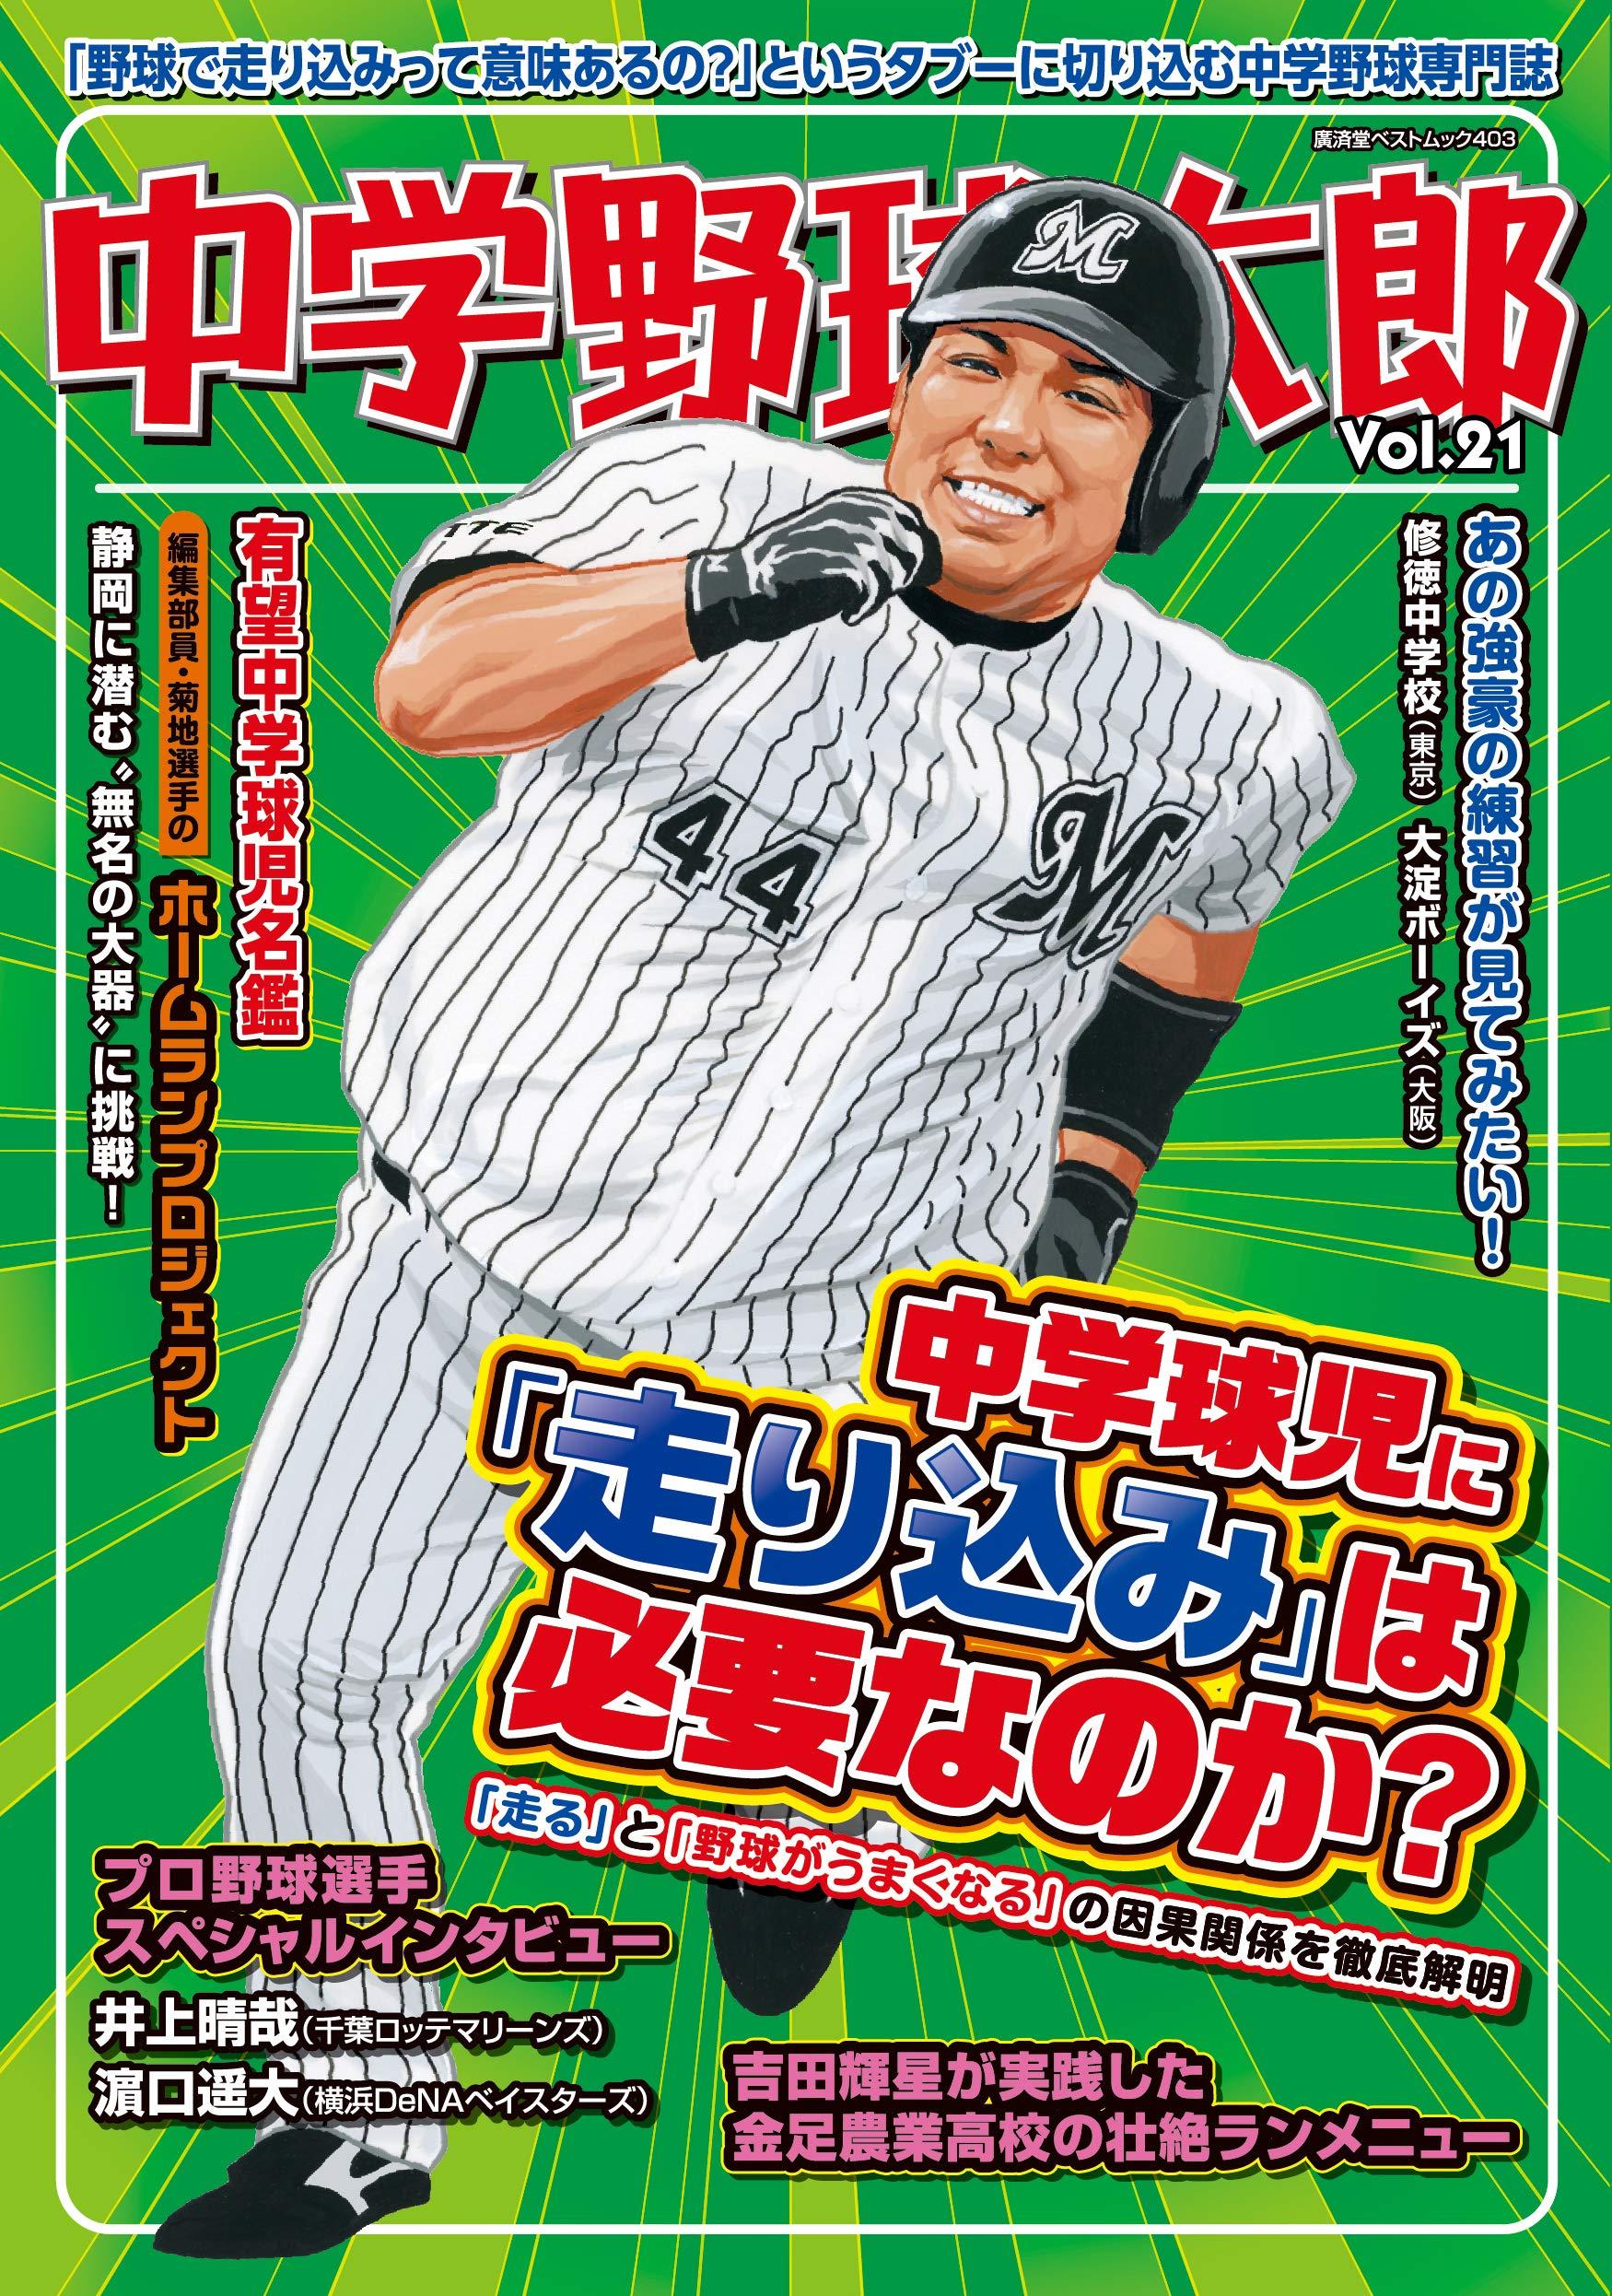 『中学野球太郎Vol.21 中学球児に「走り込み」は必要なのか?』詳細情報&ちらっと立ち読みしませんか?